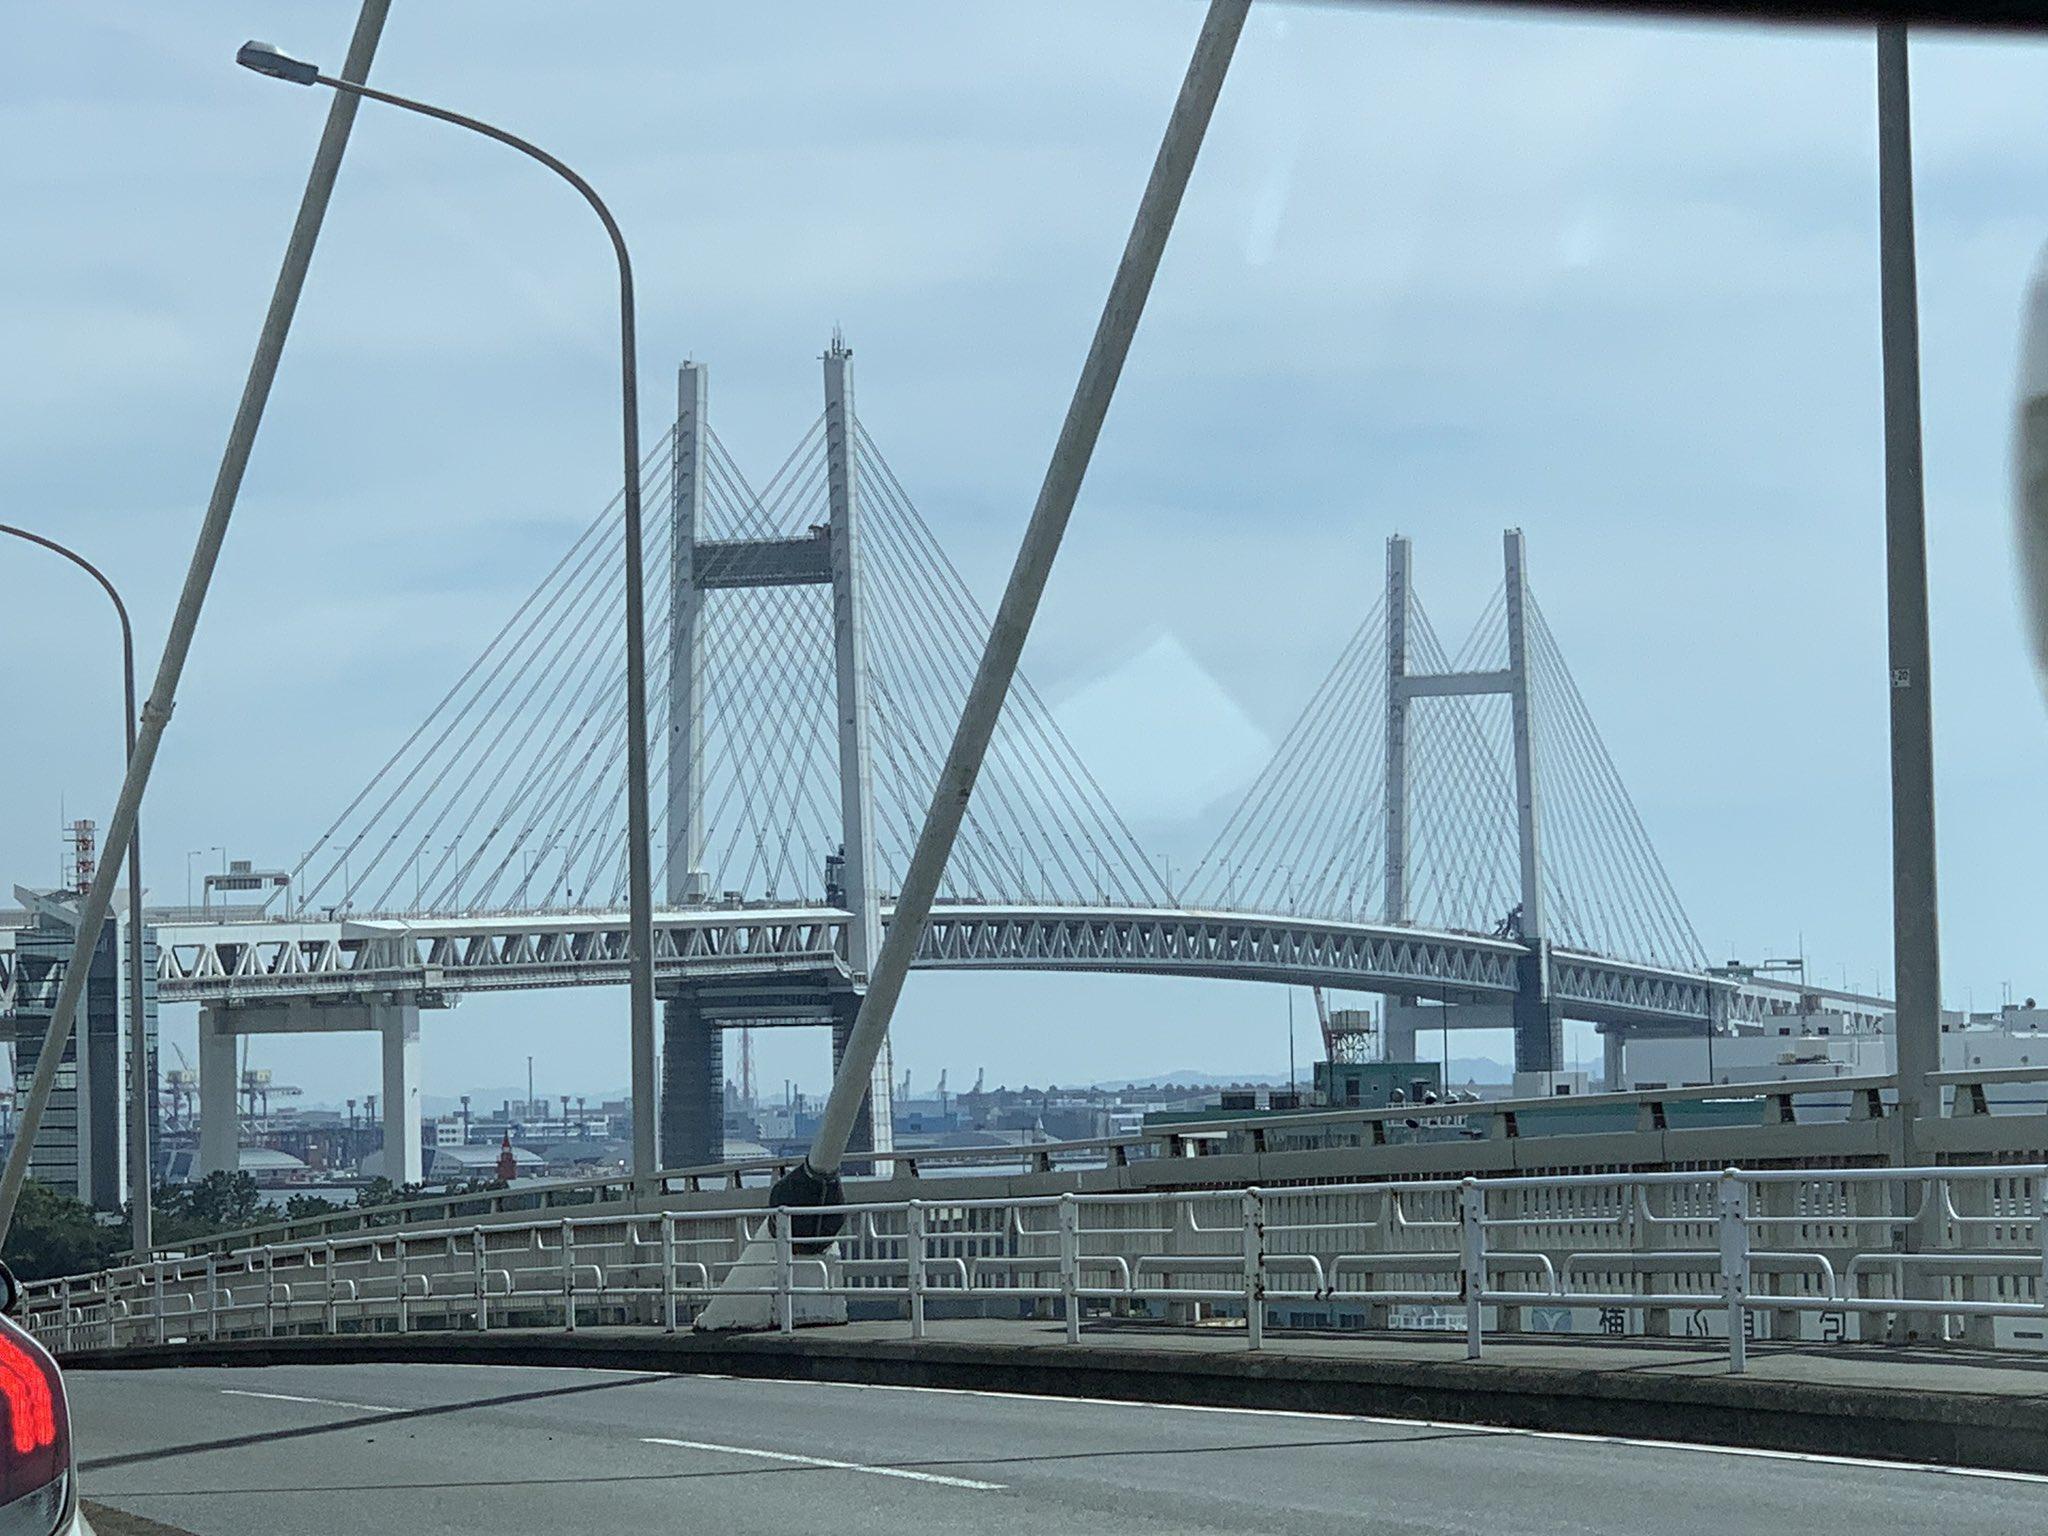 画像,大黒大橋ダラダラ進行中ー。ベイブリッジほんとに止まってんだな… https://t.co/n5qvRz5OFq。